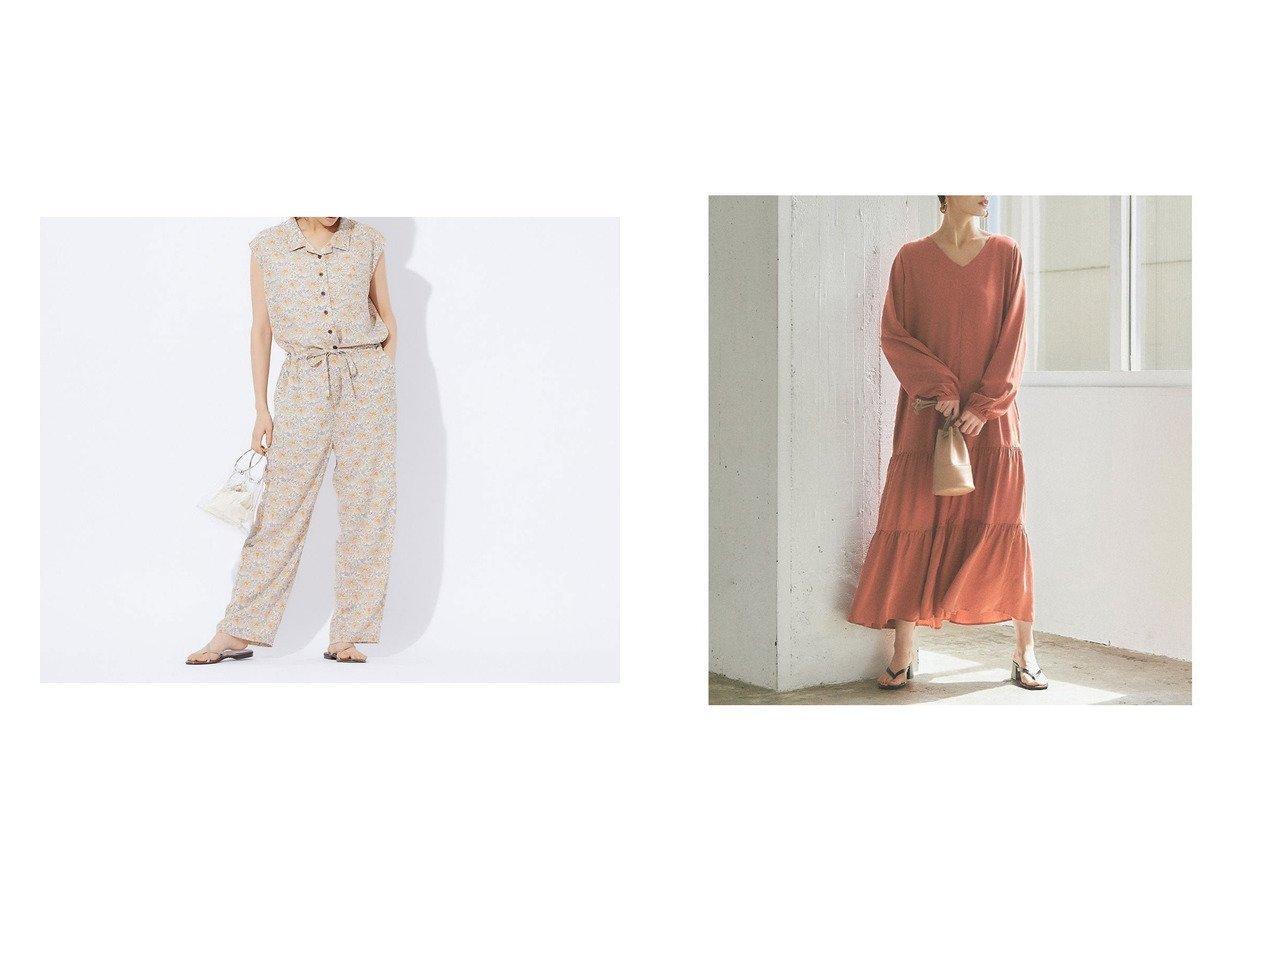 【titivate/ティティベイト】のVネックティアードワンピース&【Rouge vif la cle/ルージュヴィフラクレ】のフラワープリントジャンプスーツ ワンピース・ドレスのおすすめ!人気、トレンド・レディースファッションの通販 おすすめで人気の流行・トレンド、ファッションの通販商品 メンズファッション・キッズファッション・インテリア・家具・レディースファッション・服の通販 founy(ファニー) https://founy.com/ ファッション Fashion レディースファッション WOMEN ワンピース Dress 2020年 2020 2020 春夏 S/S SS Spring/Summer 2020 S/S 春夏 SS Spring/Summer スーツ 今季 春 Spring イエロー 長袖 フェミニン ペチコート マキシ A/W 秋冬 AW Autumn/Winter / FW Fall-Winter 2020-2021 秋冬 A/W AW Autumn/Winter / FW Fall-Winter 2020-2021 |ID:crp329100000016181